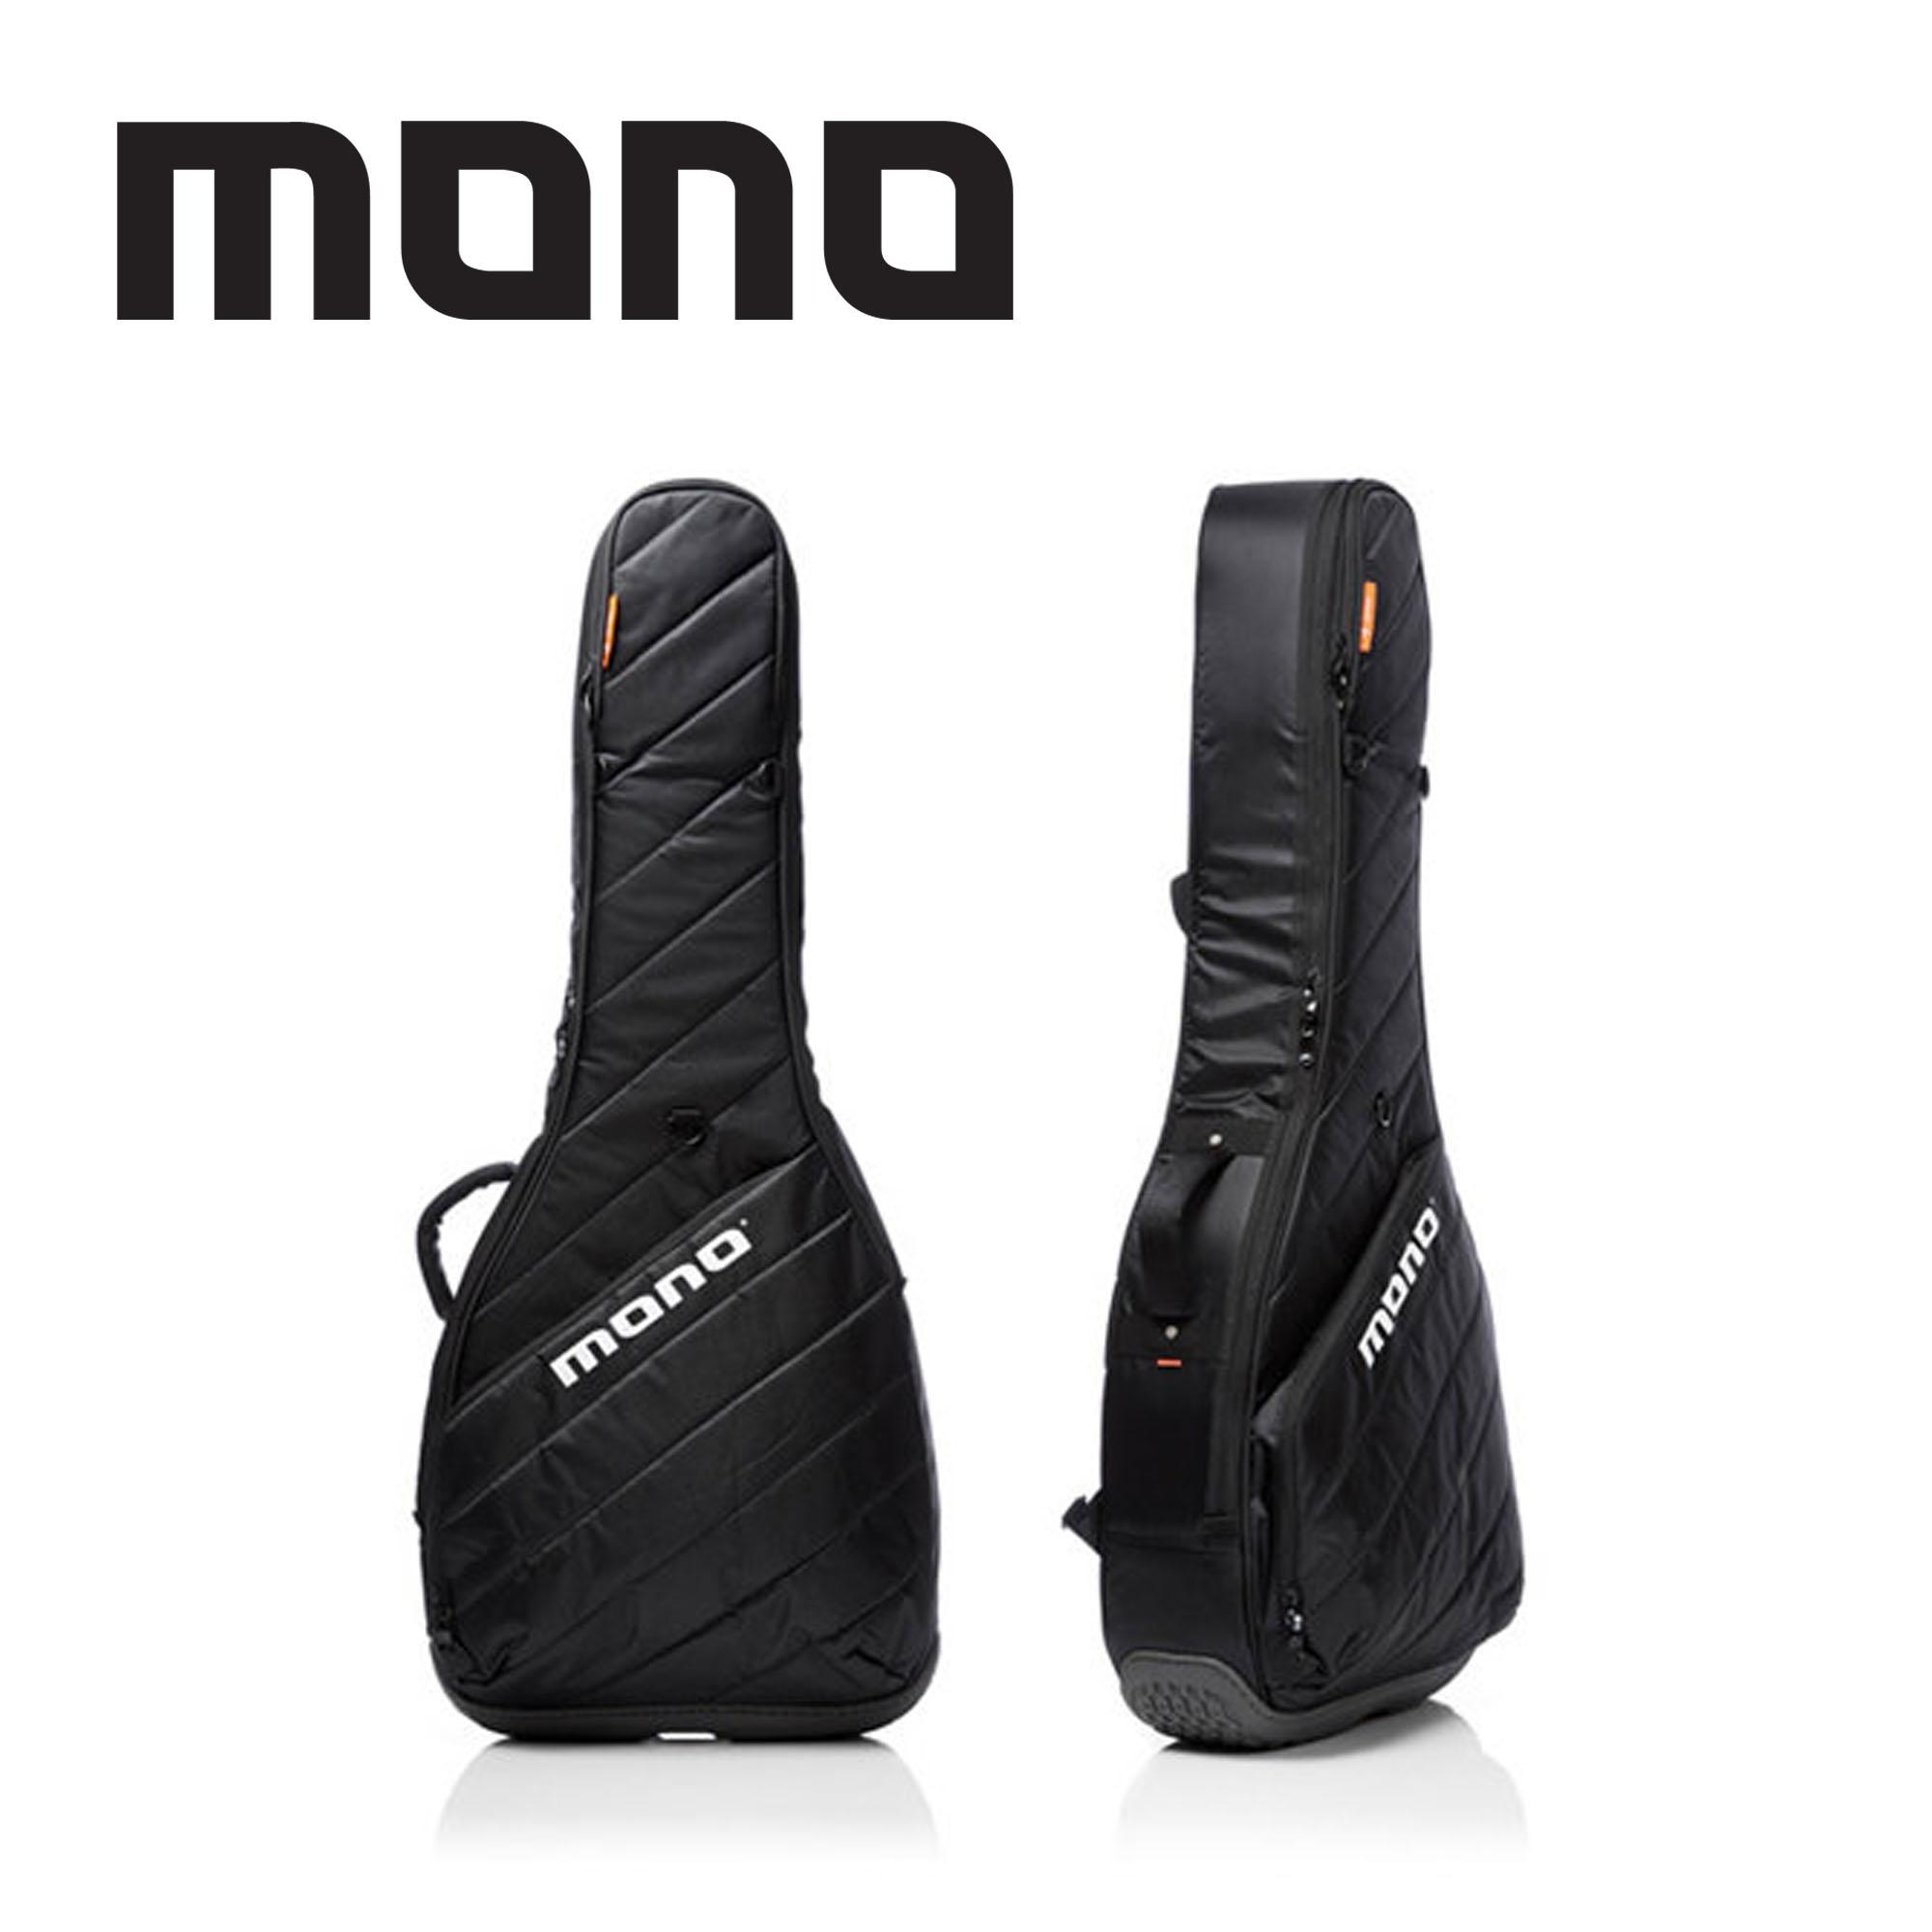 ecce8bf8e1 Mono M80 Vertigo Acoustic Guitar Ba (end 5/10/2020 11:25 AM)